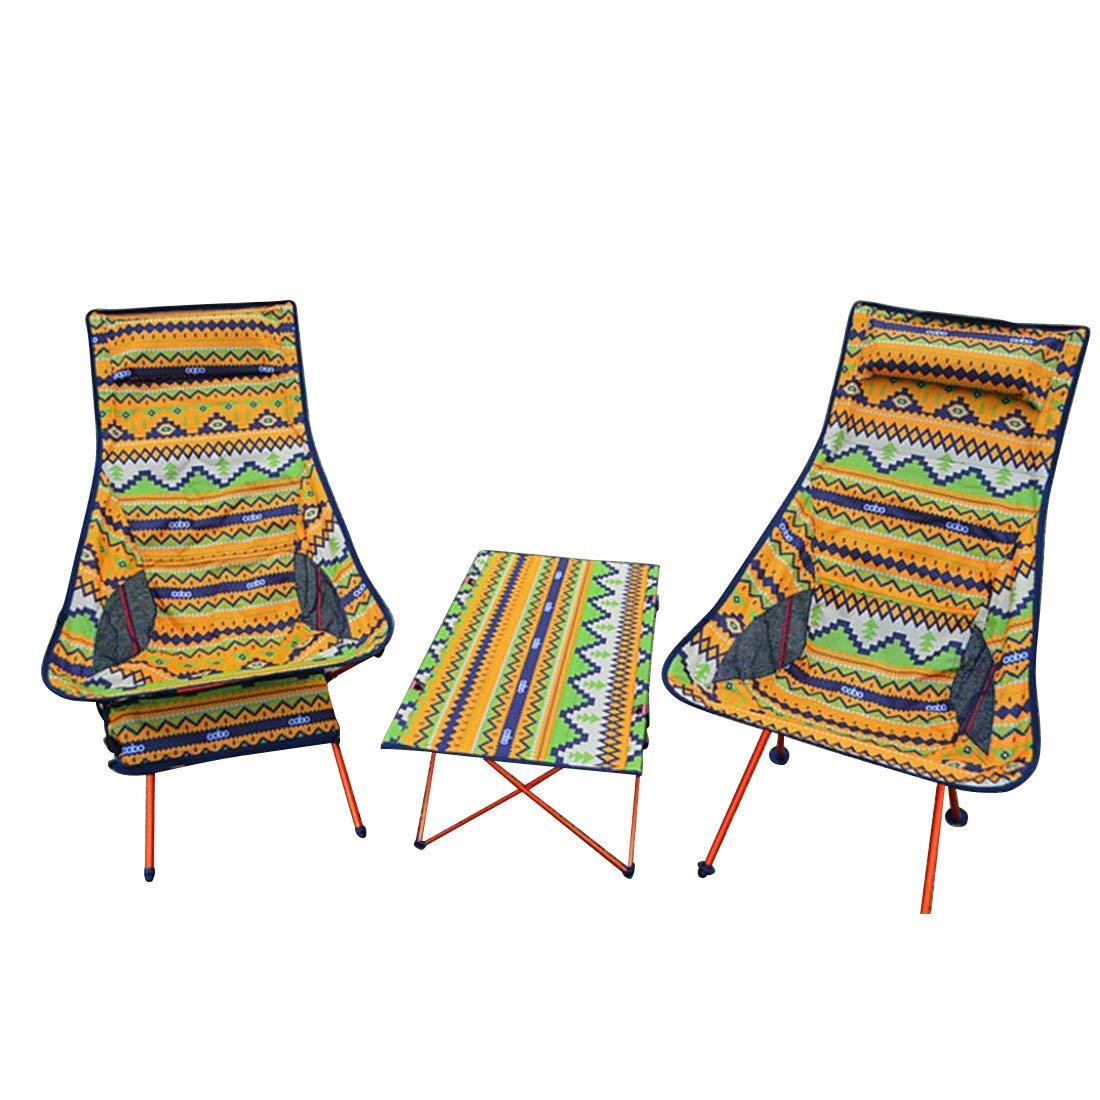 FUBULECY Es ist geeignet für die Faltung und tragbare Aluminiumstühle für Camping oder Angeln im Freien.